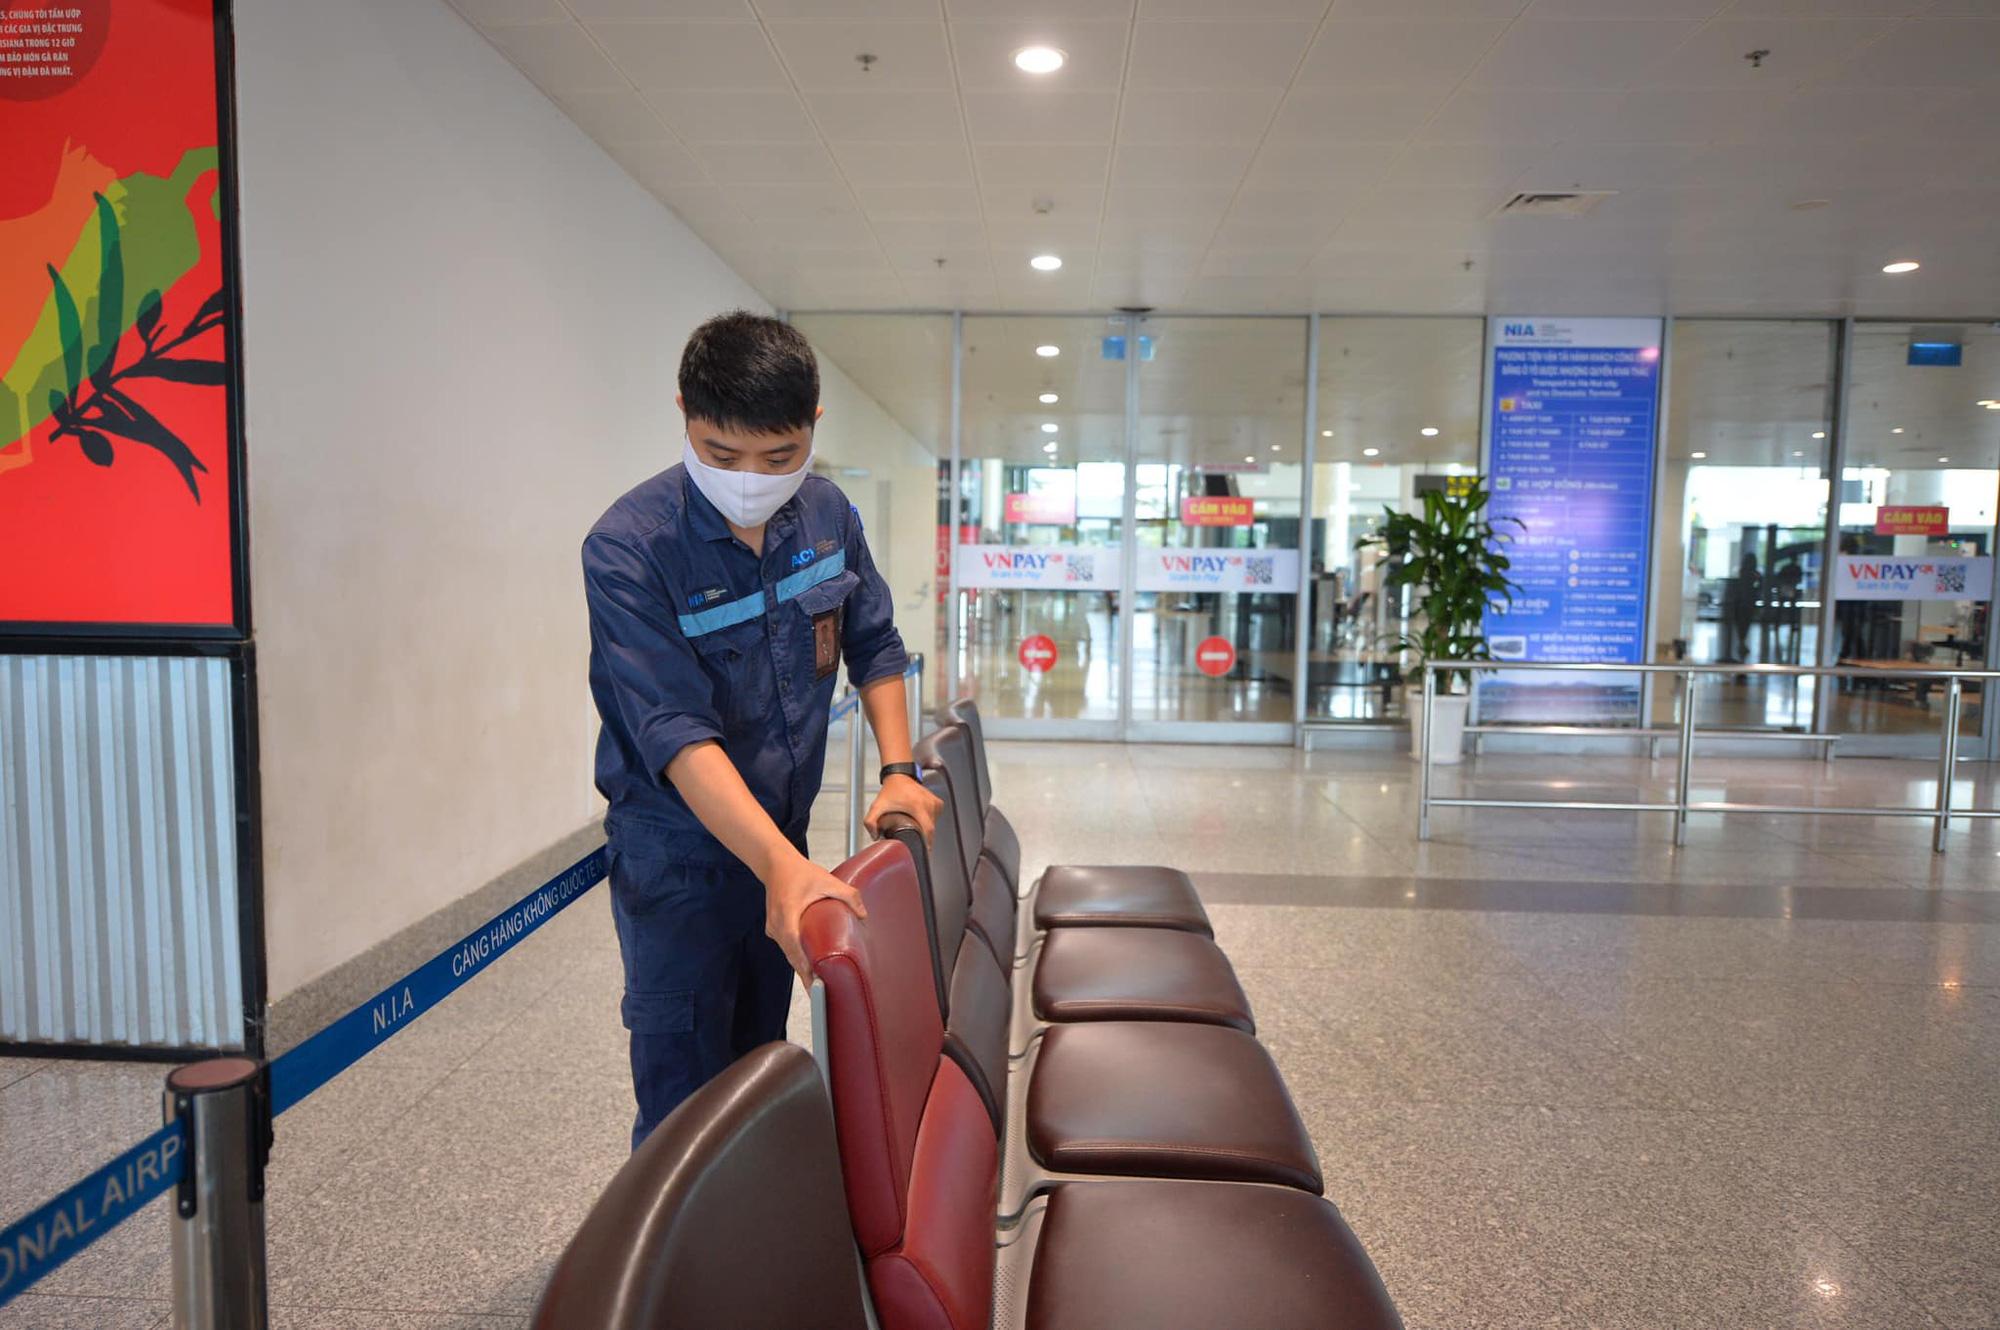 Chuyến bay thương mại quốc tế đầu tiên về Việt Nam của ngành hàng không Việt sau thời gian dài bị ảnh hưởng bởi Covid-19 - Ảnh 1.